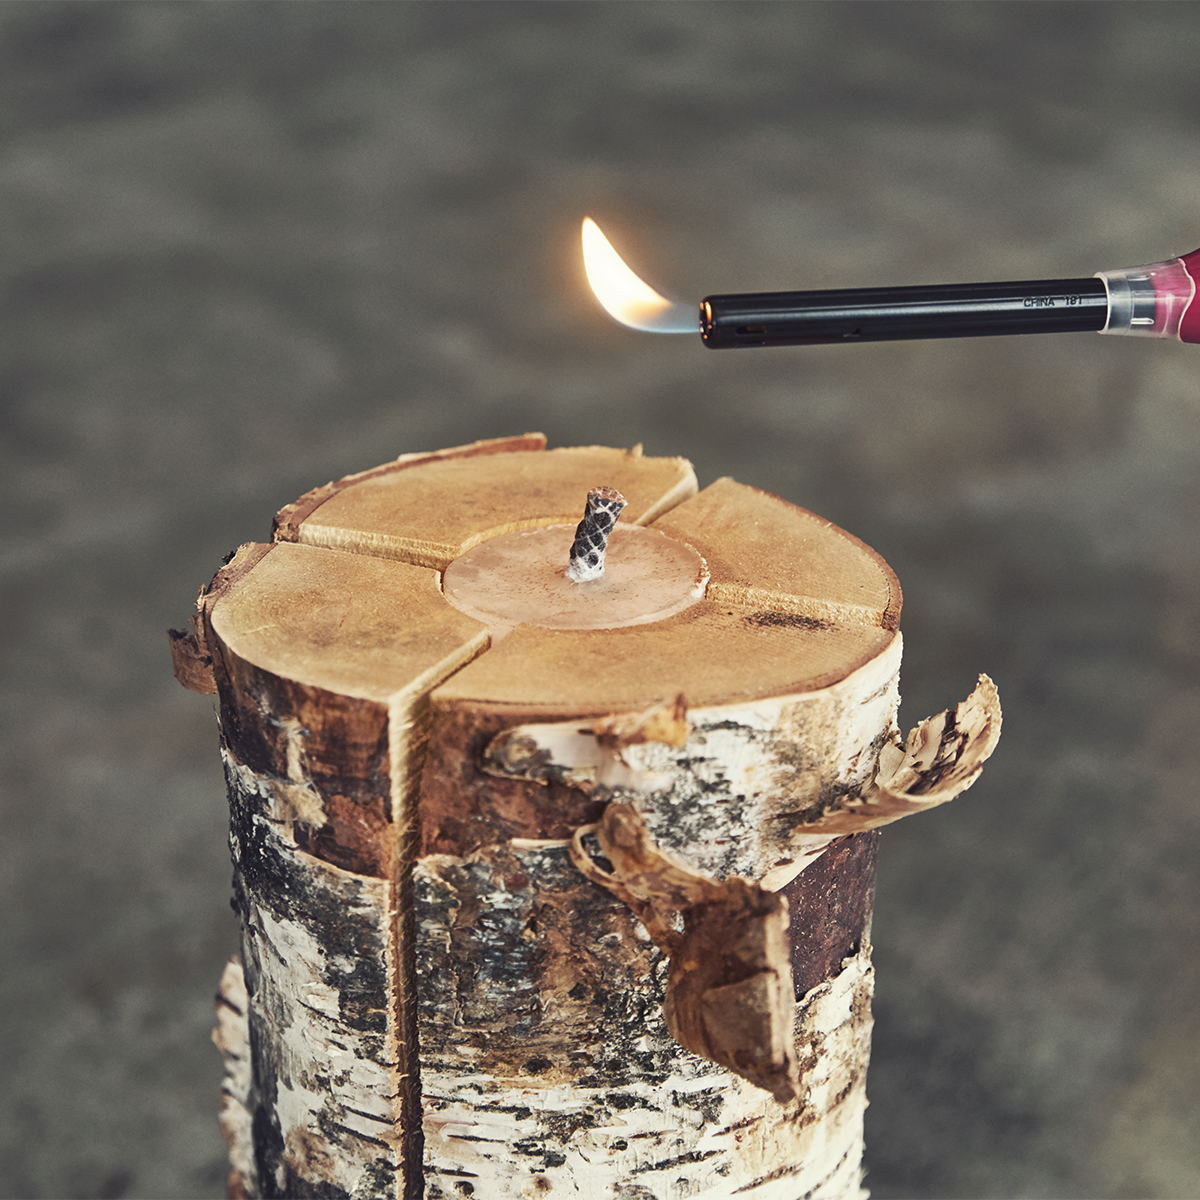 ロウソクに火を点ける感覚で、初心者でも焚き火がはじめてでも手軽に点火できる。キャンドル一体型で一発着火、肉も焼ける「スウェディッシュトーチ」|Swedish Birch Candle(スウェディッシュ バーチ キャンドル)